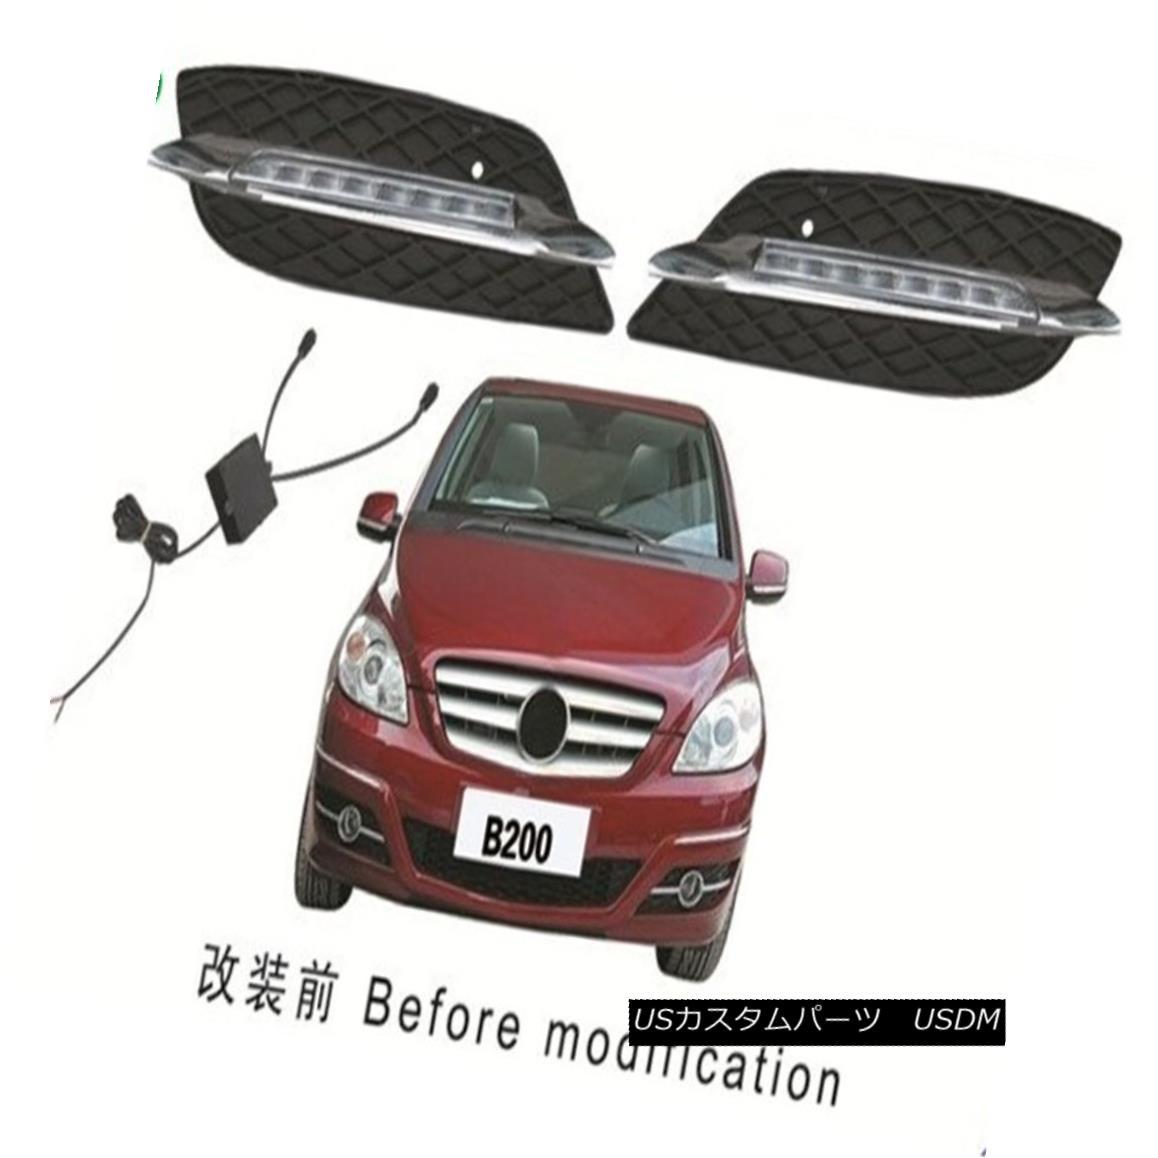 エアロパーツ DRL Kits For Benz W245 B150 B170 B180 B200 2009-2010 LED Daytime Running Light DRLキット(ベンツW245用)B150 B170 B180 B200 2009-2010 LEDデイタイムランニングライト